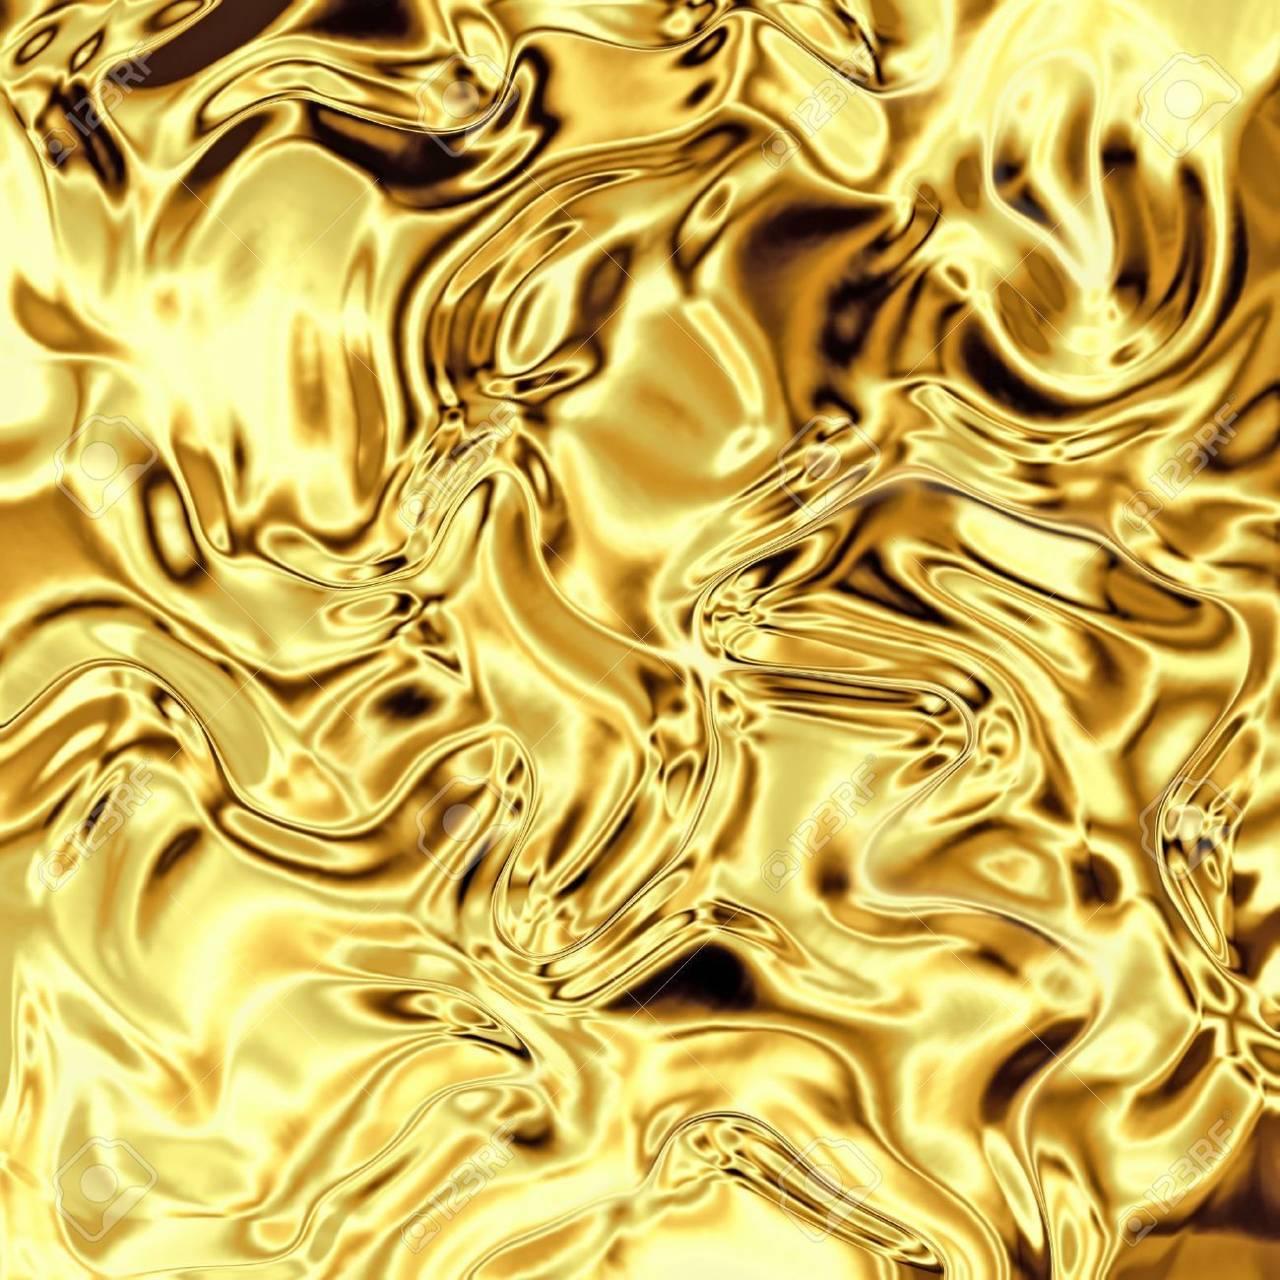 Gold Liquid